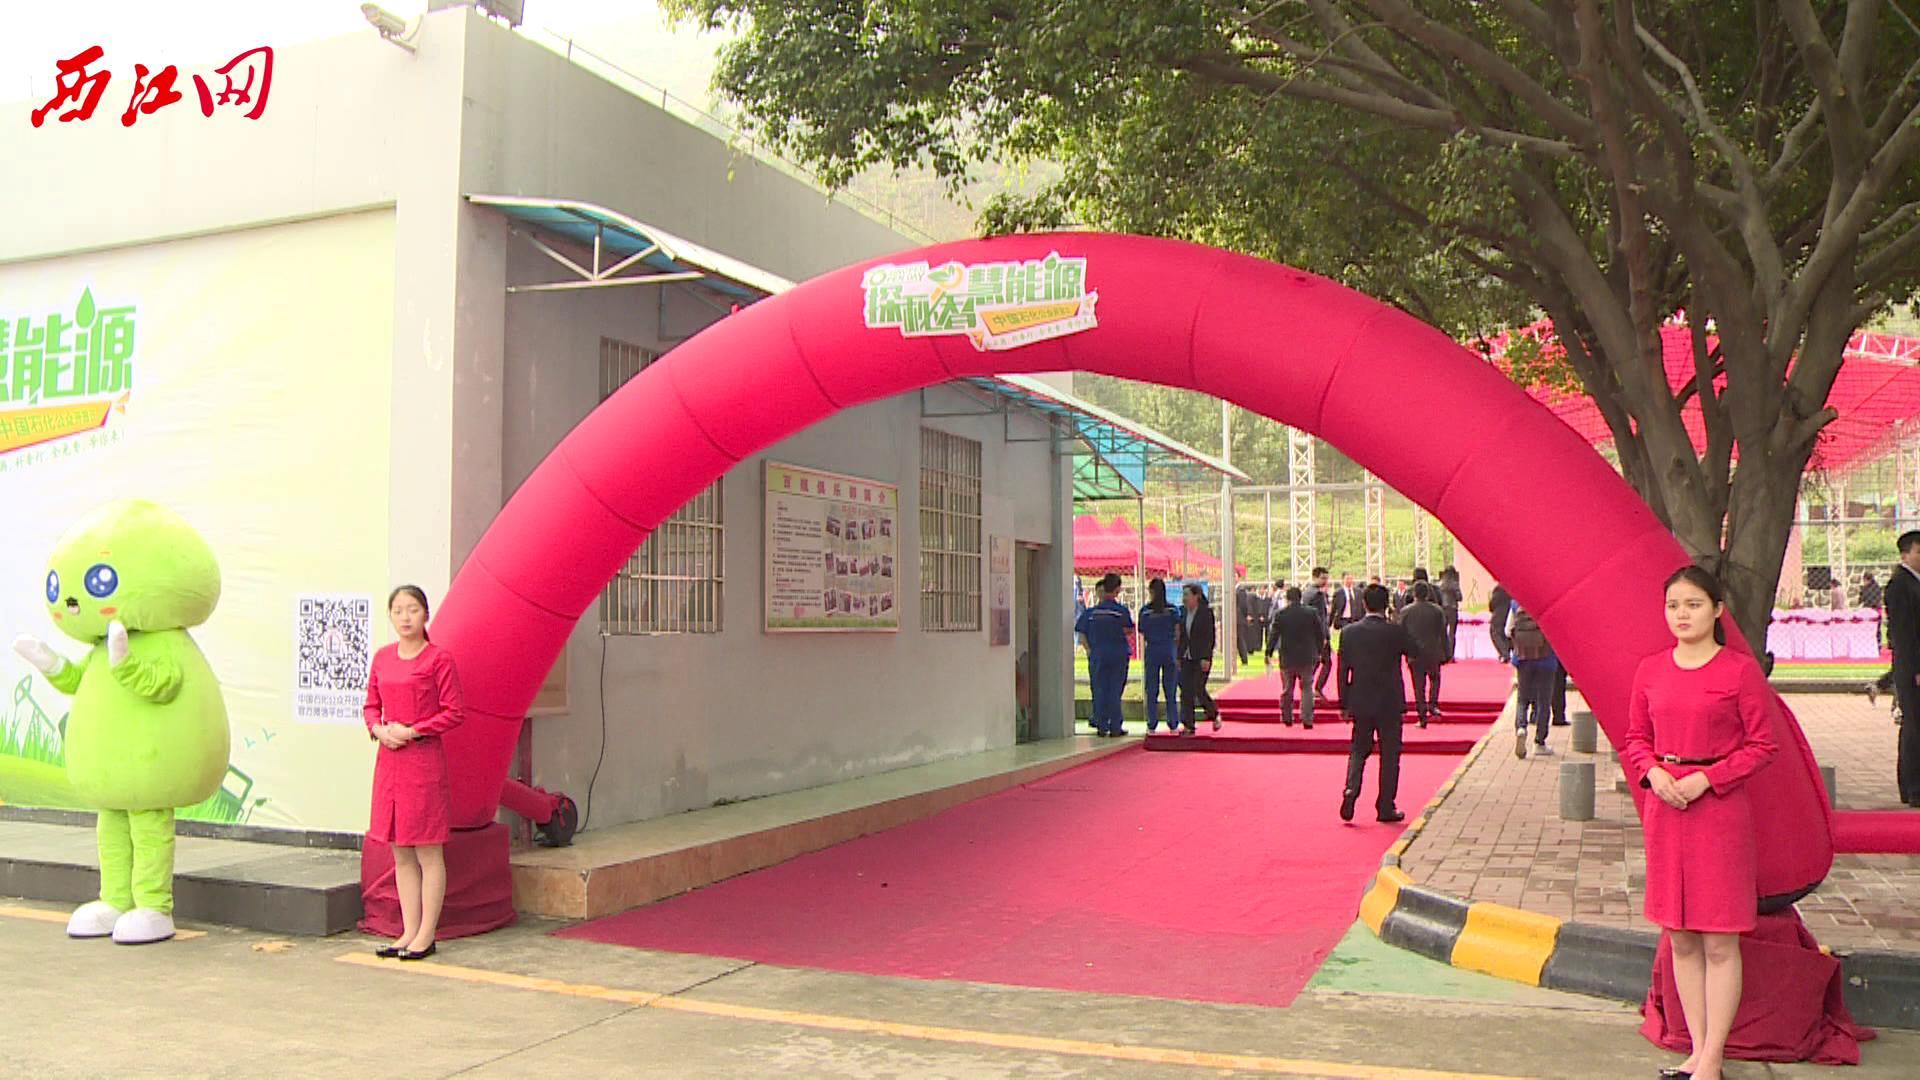 中石化肇庆分公司举办公众开放日活动  转型成果引赞叹